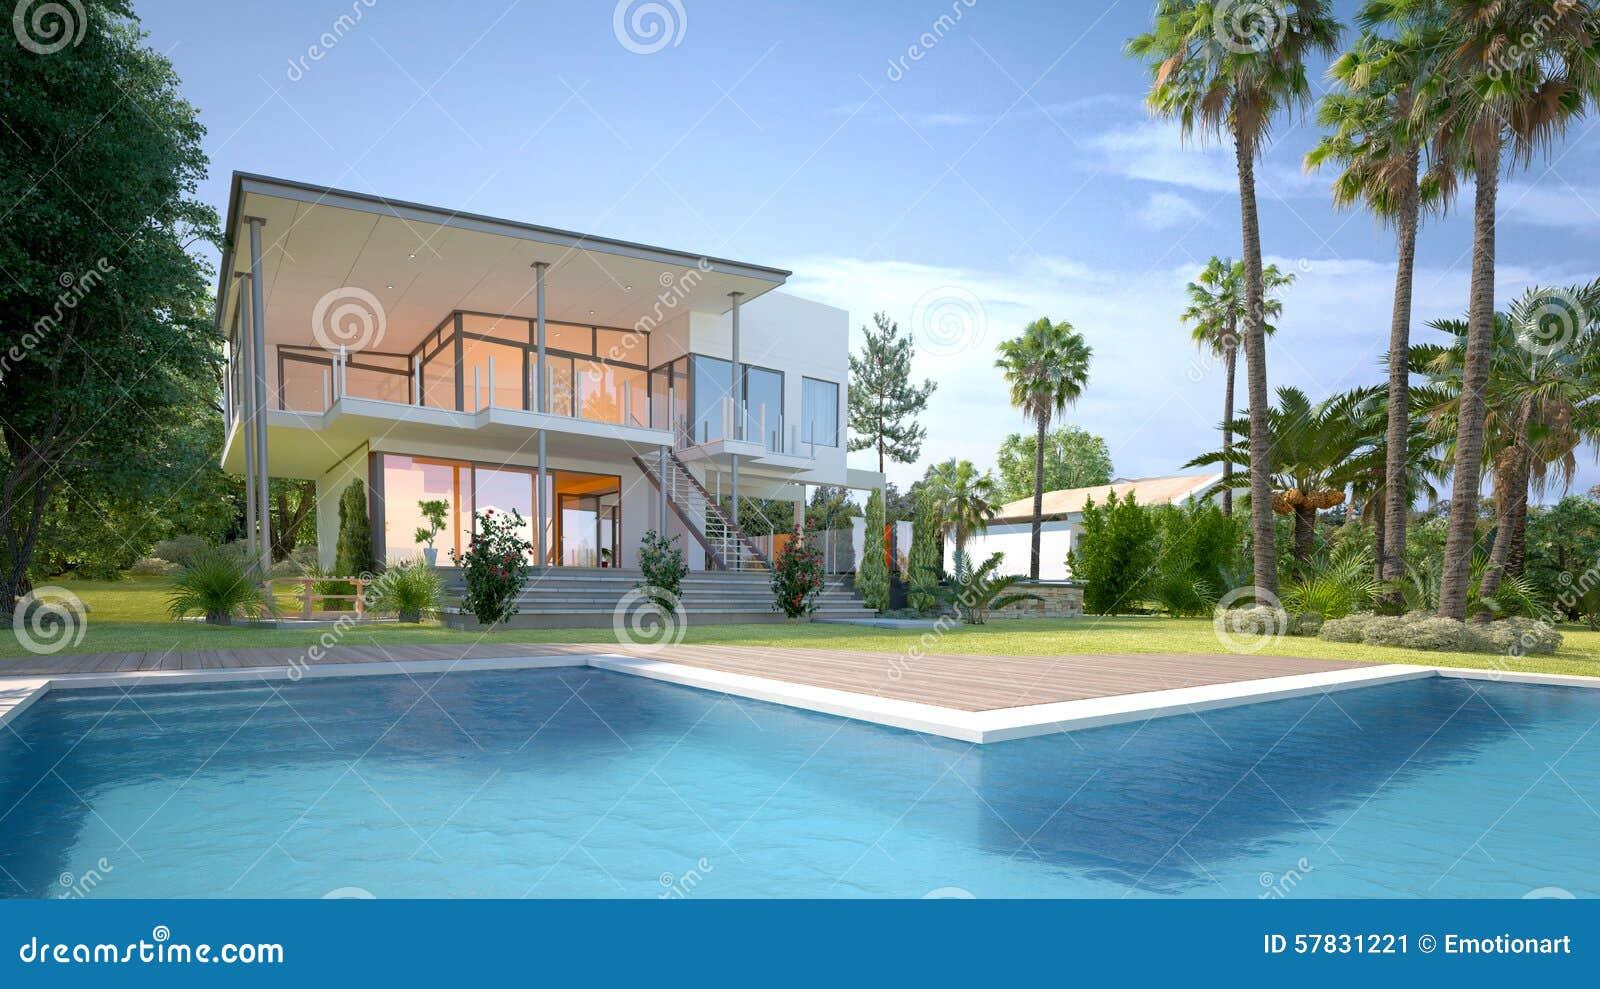 Jardines de casas de lujo the image kid for Casas con jardin y piscina